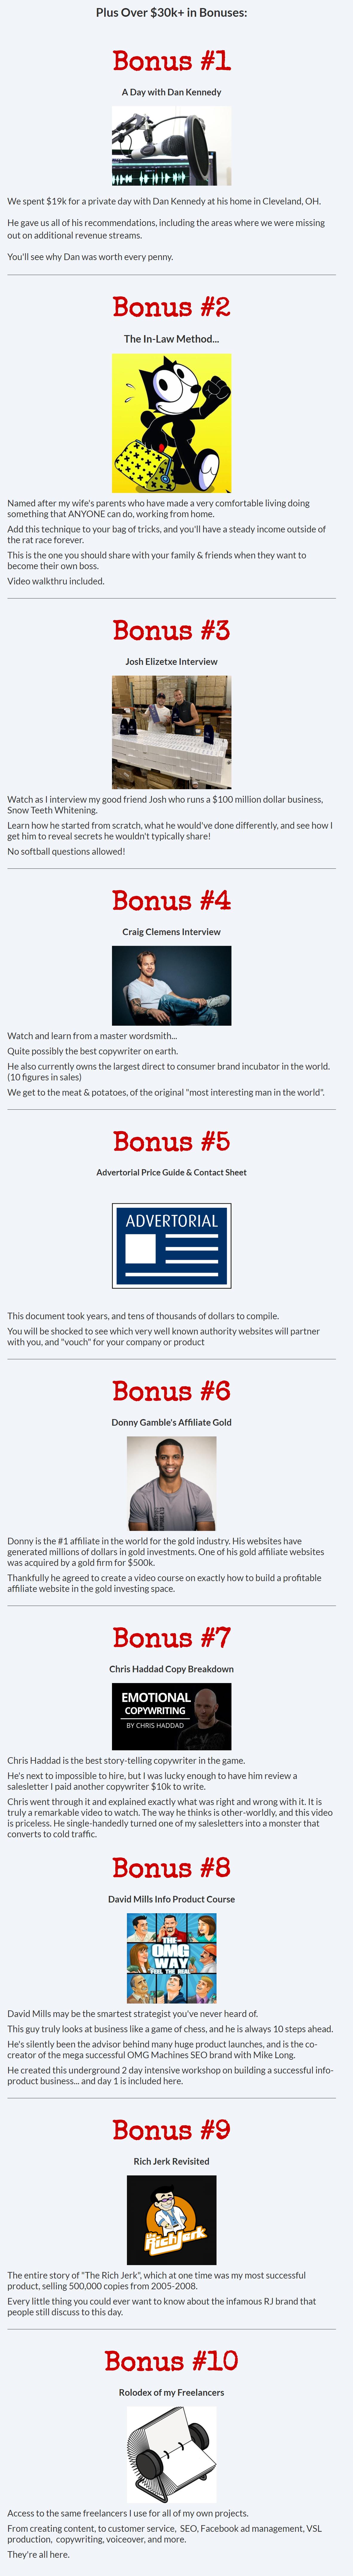 Underestimated Bonuses